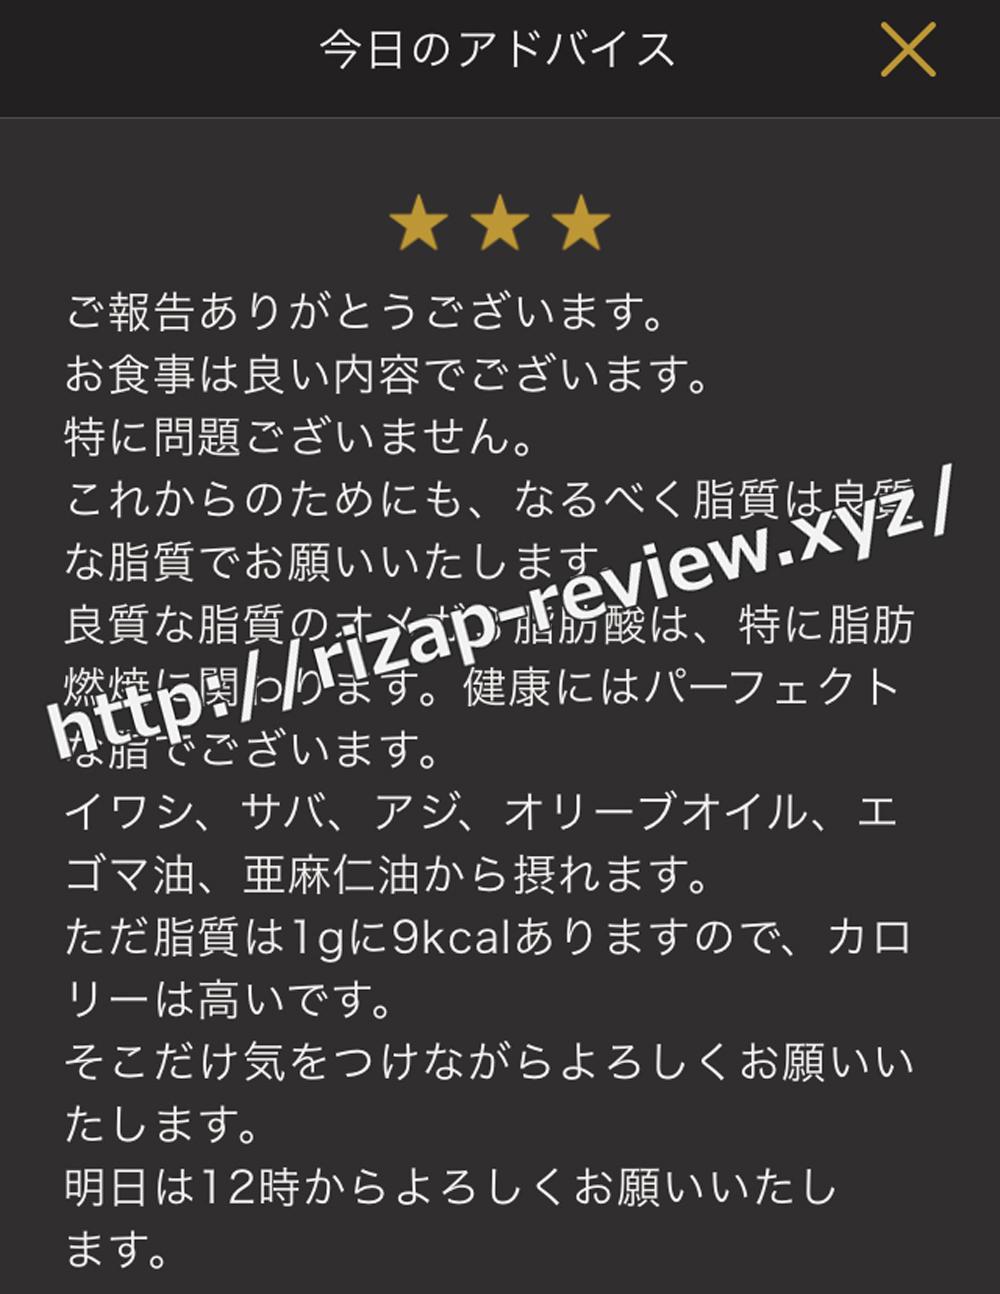 2018.1.23(水)ライザップ担当トレーナーからの総評・コメント